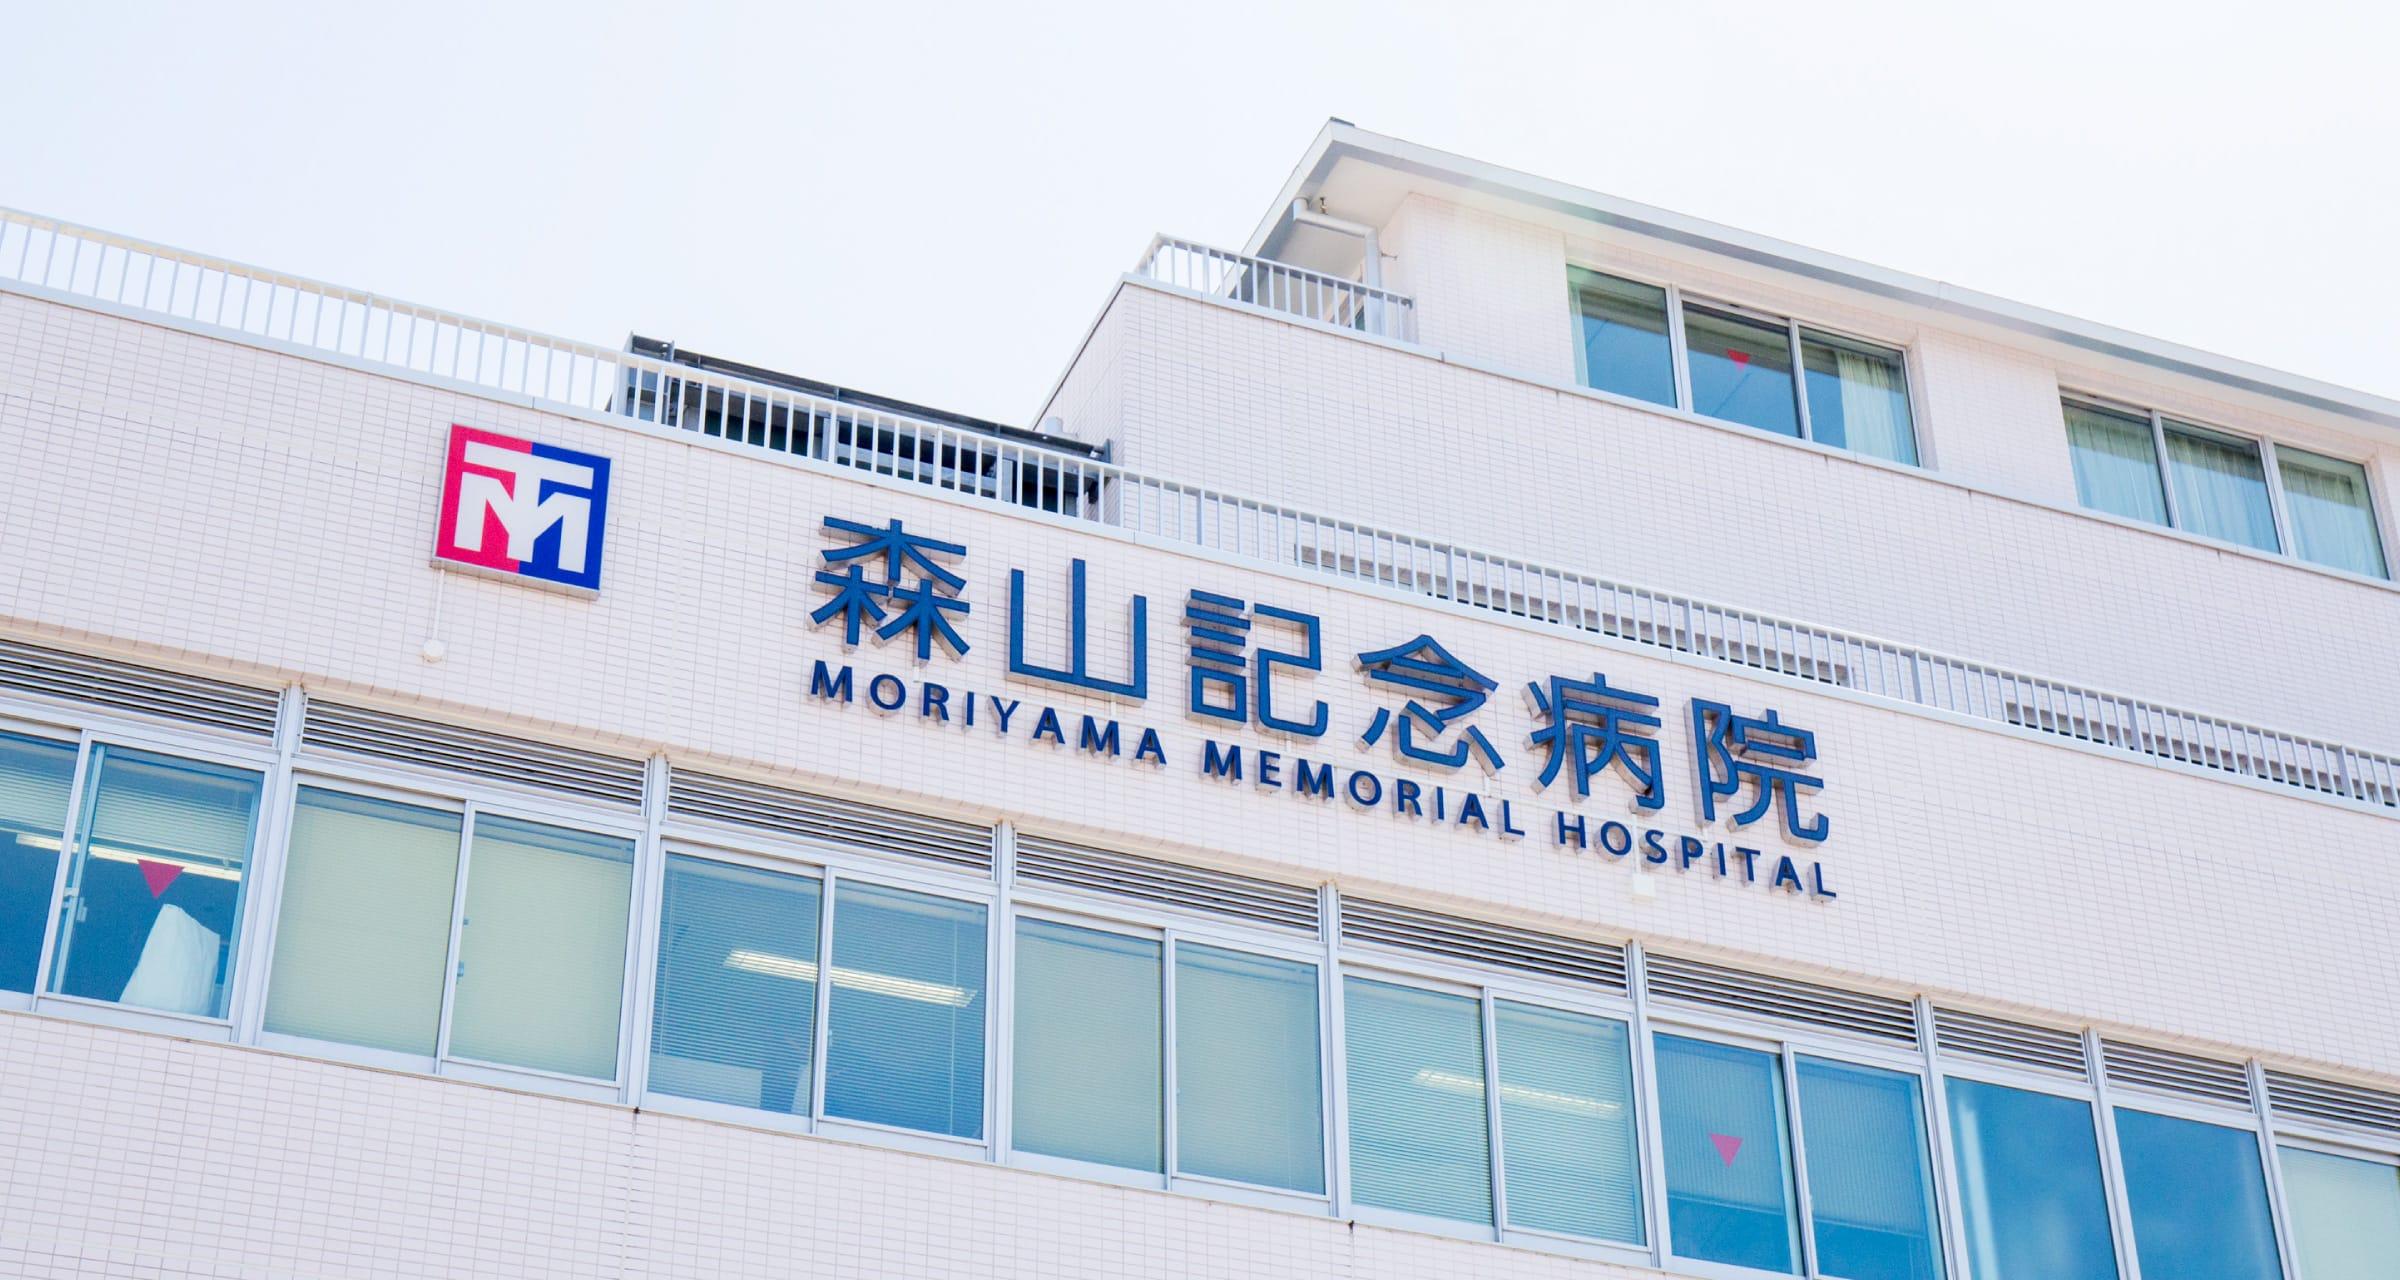 の 記念 病院 都 水